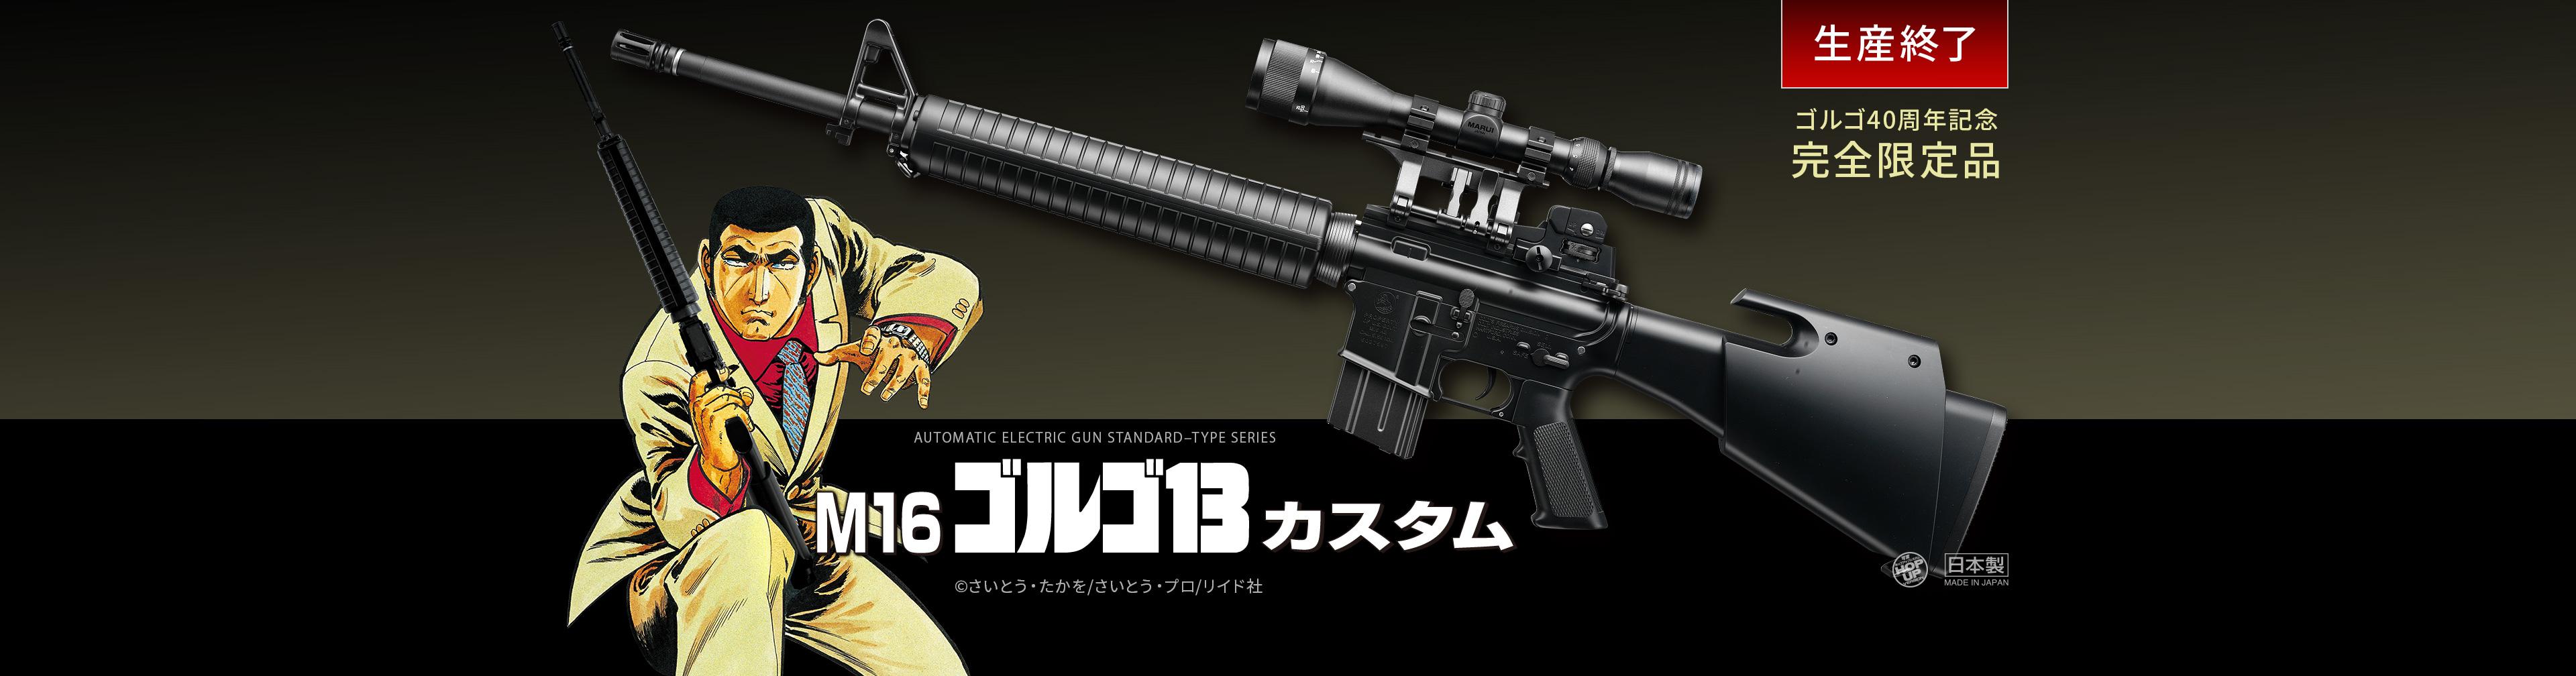 M16 ゴルゴ13カスタム